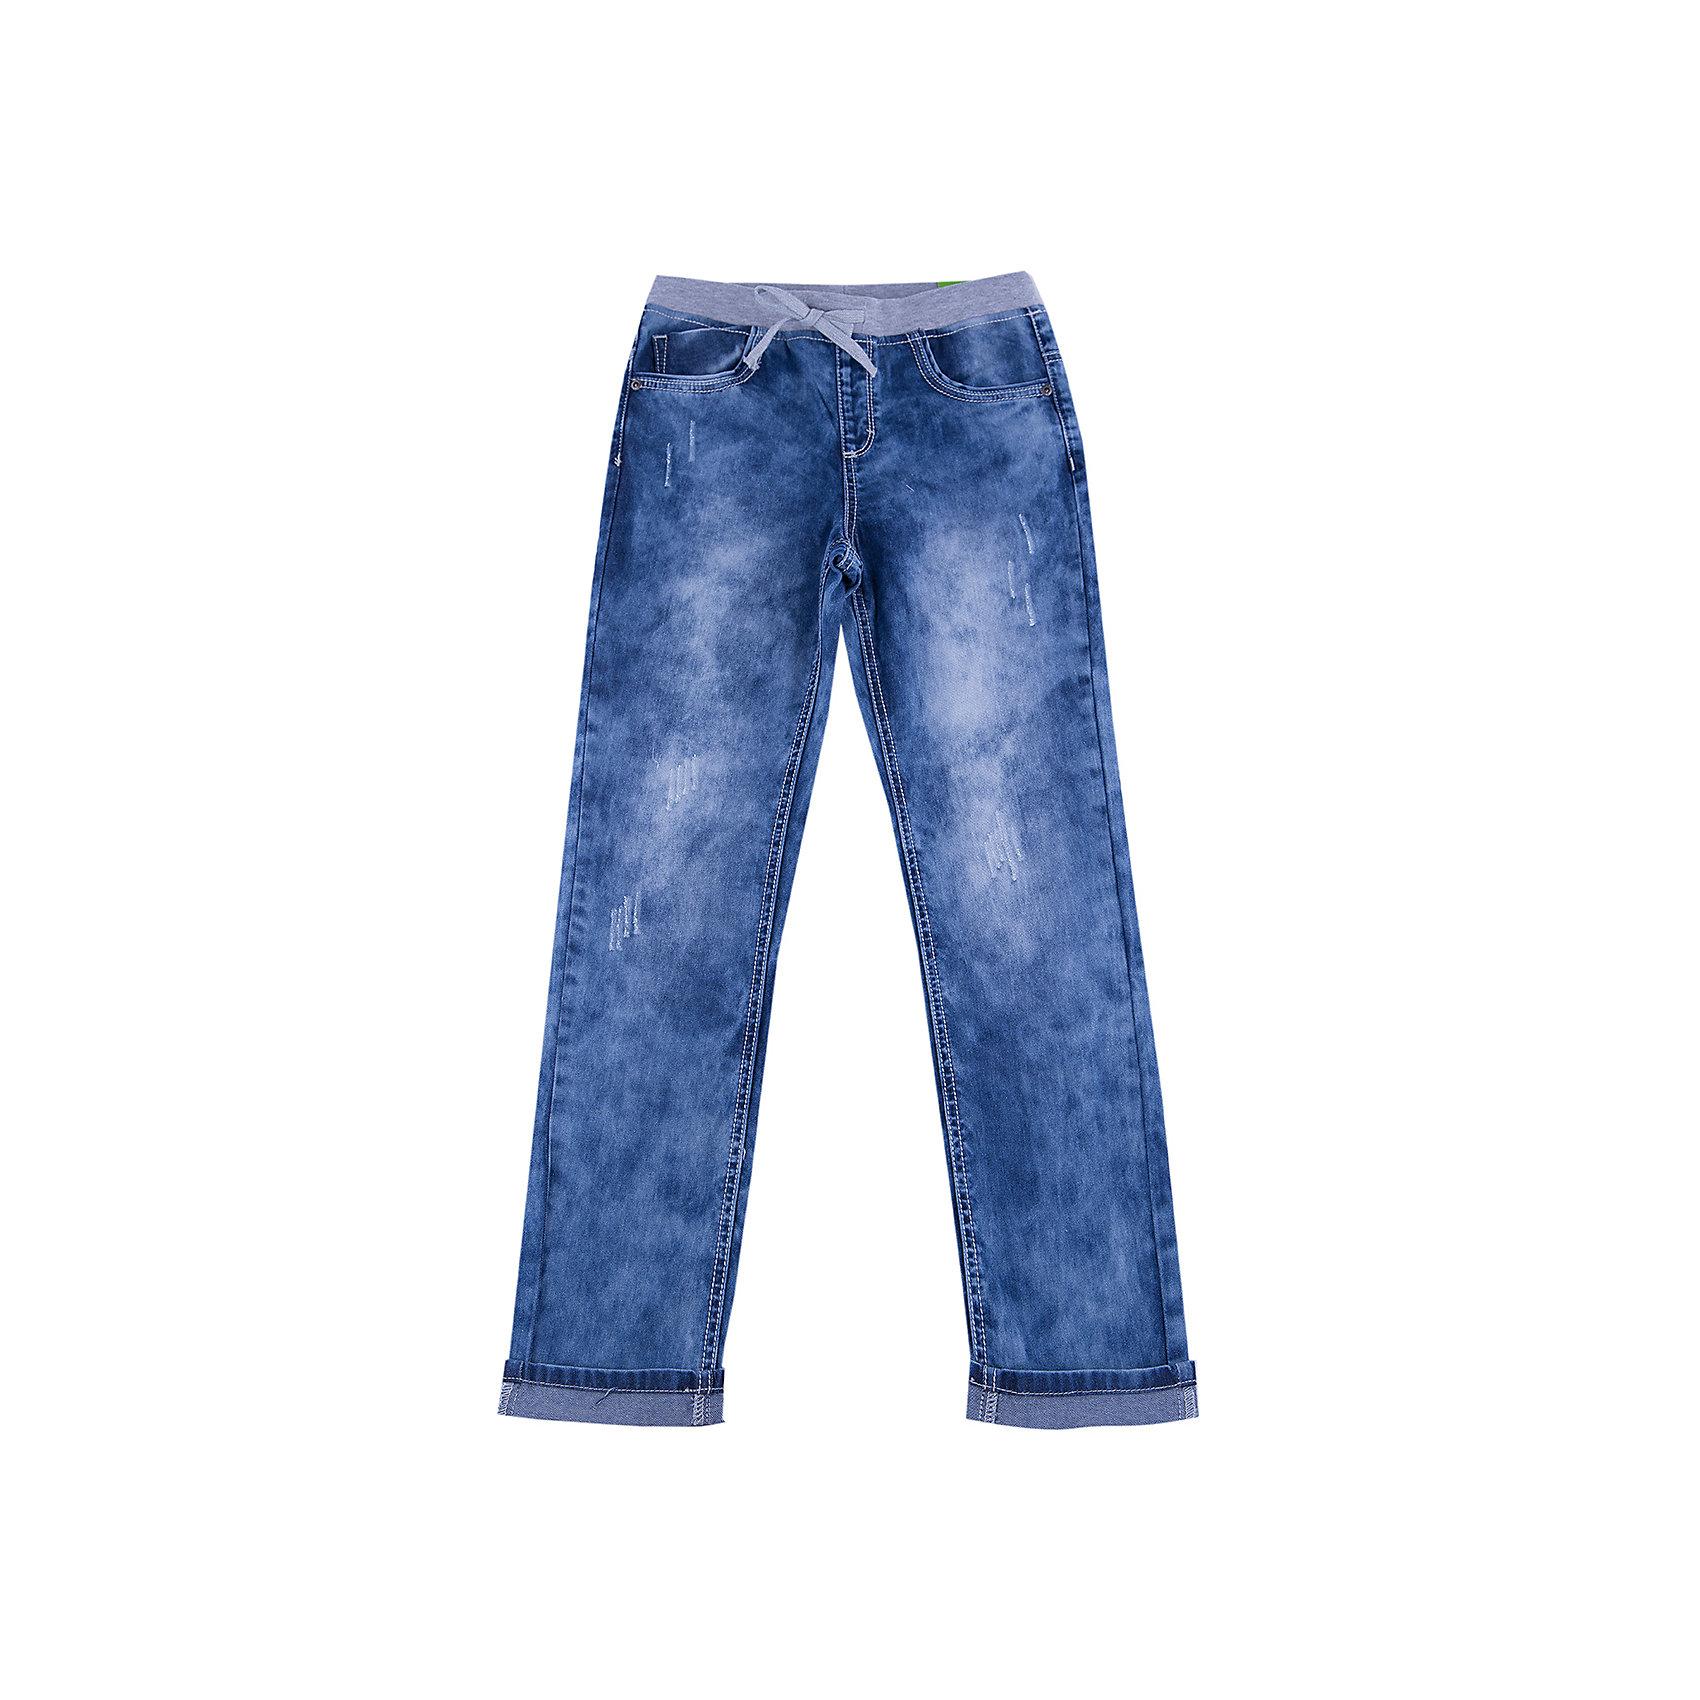 Джинсы для мальчика ScoolДжинсы для мальчика из коллекции «Скорость» от известного бренда Scool. Стильные джинсы на каждый день синего «вареного» цвета сделаны из хлопка. Джинсы на серой резинке со шнурком, имеют классические 5 карманов, прекрасно подойдут как к рубашкам, так и к футболкам. Штанины рассчитаны на подворот. Эти джинсыпридут по вкусу вашему чемпиону.<br><br>Дополнительная информация:<br>- Силуэт: зауженный <br><br>Состав: 100% хлопок <br><br>Джинсы для мальчиков Scool можно купить в нашем интернет-магазине.<br><br>Подробнее:<br>• Для детей в возрасте: от 9 до 13 лет<br>• Номер товара: 4911444<br>Страна производитель: Китай<br><br>Ширина мм: 215<br>Глубина мм: 88<br>Высота мм: 191<br>Вес г: 336<br>Цвет: синий<br>Возраст от месяцев: 96<br>Возраст до месяцев: 108<br>Пол: Мужской<br>Возраст: Детский<br>Размер: 134,146,158,152,164,140<br>SKU: 4911450